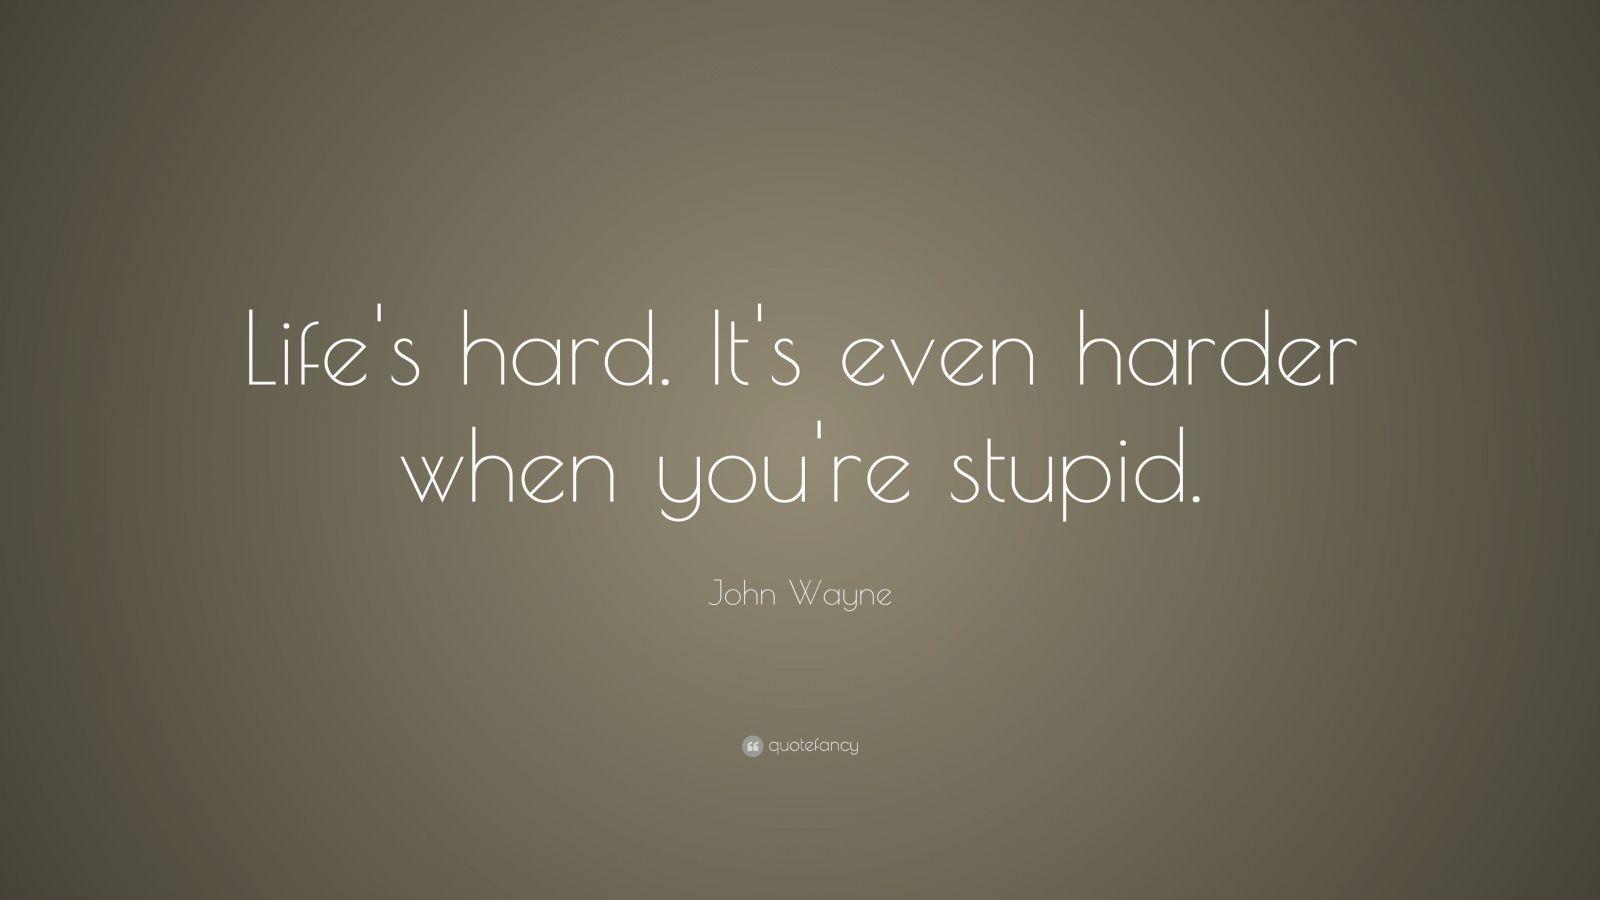 John Wayne Quotes (105 wallpapers) - Quotefancy